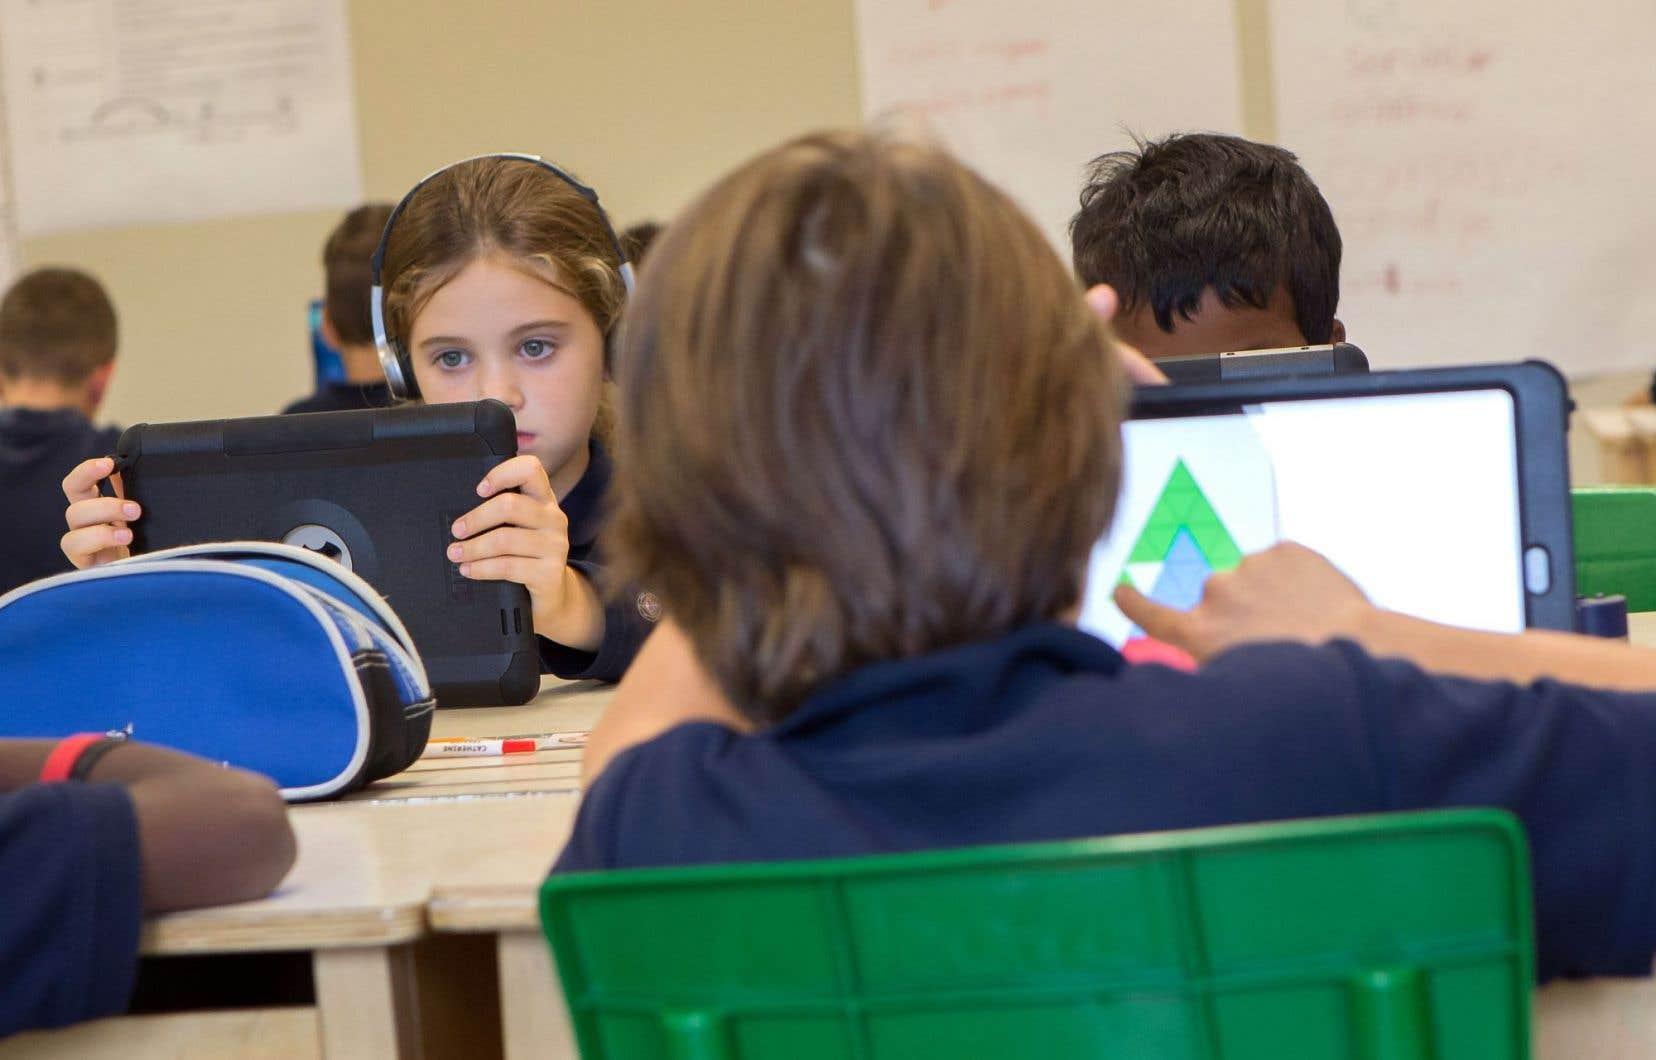 La technologie est entrée à l'Institut Saint-Joseph de Québec (photo), mais pas dans le cœur du philosophe Réjean Bergeron, qui prône une école «100% branchée sur l'être humain».